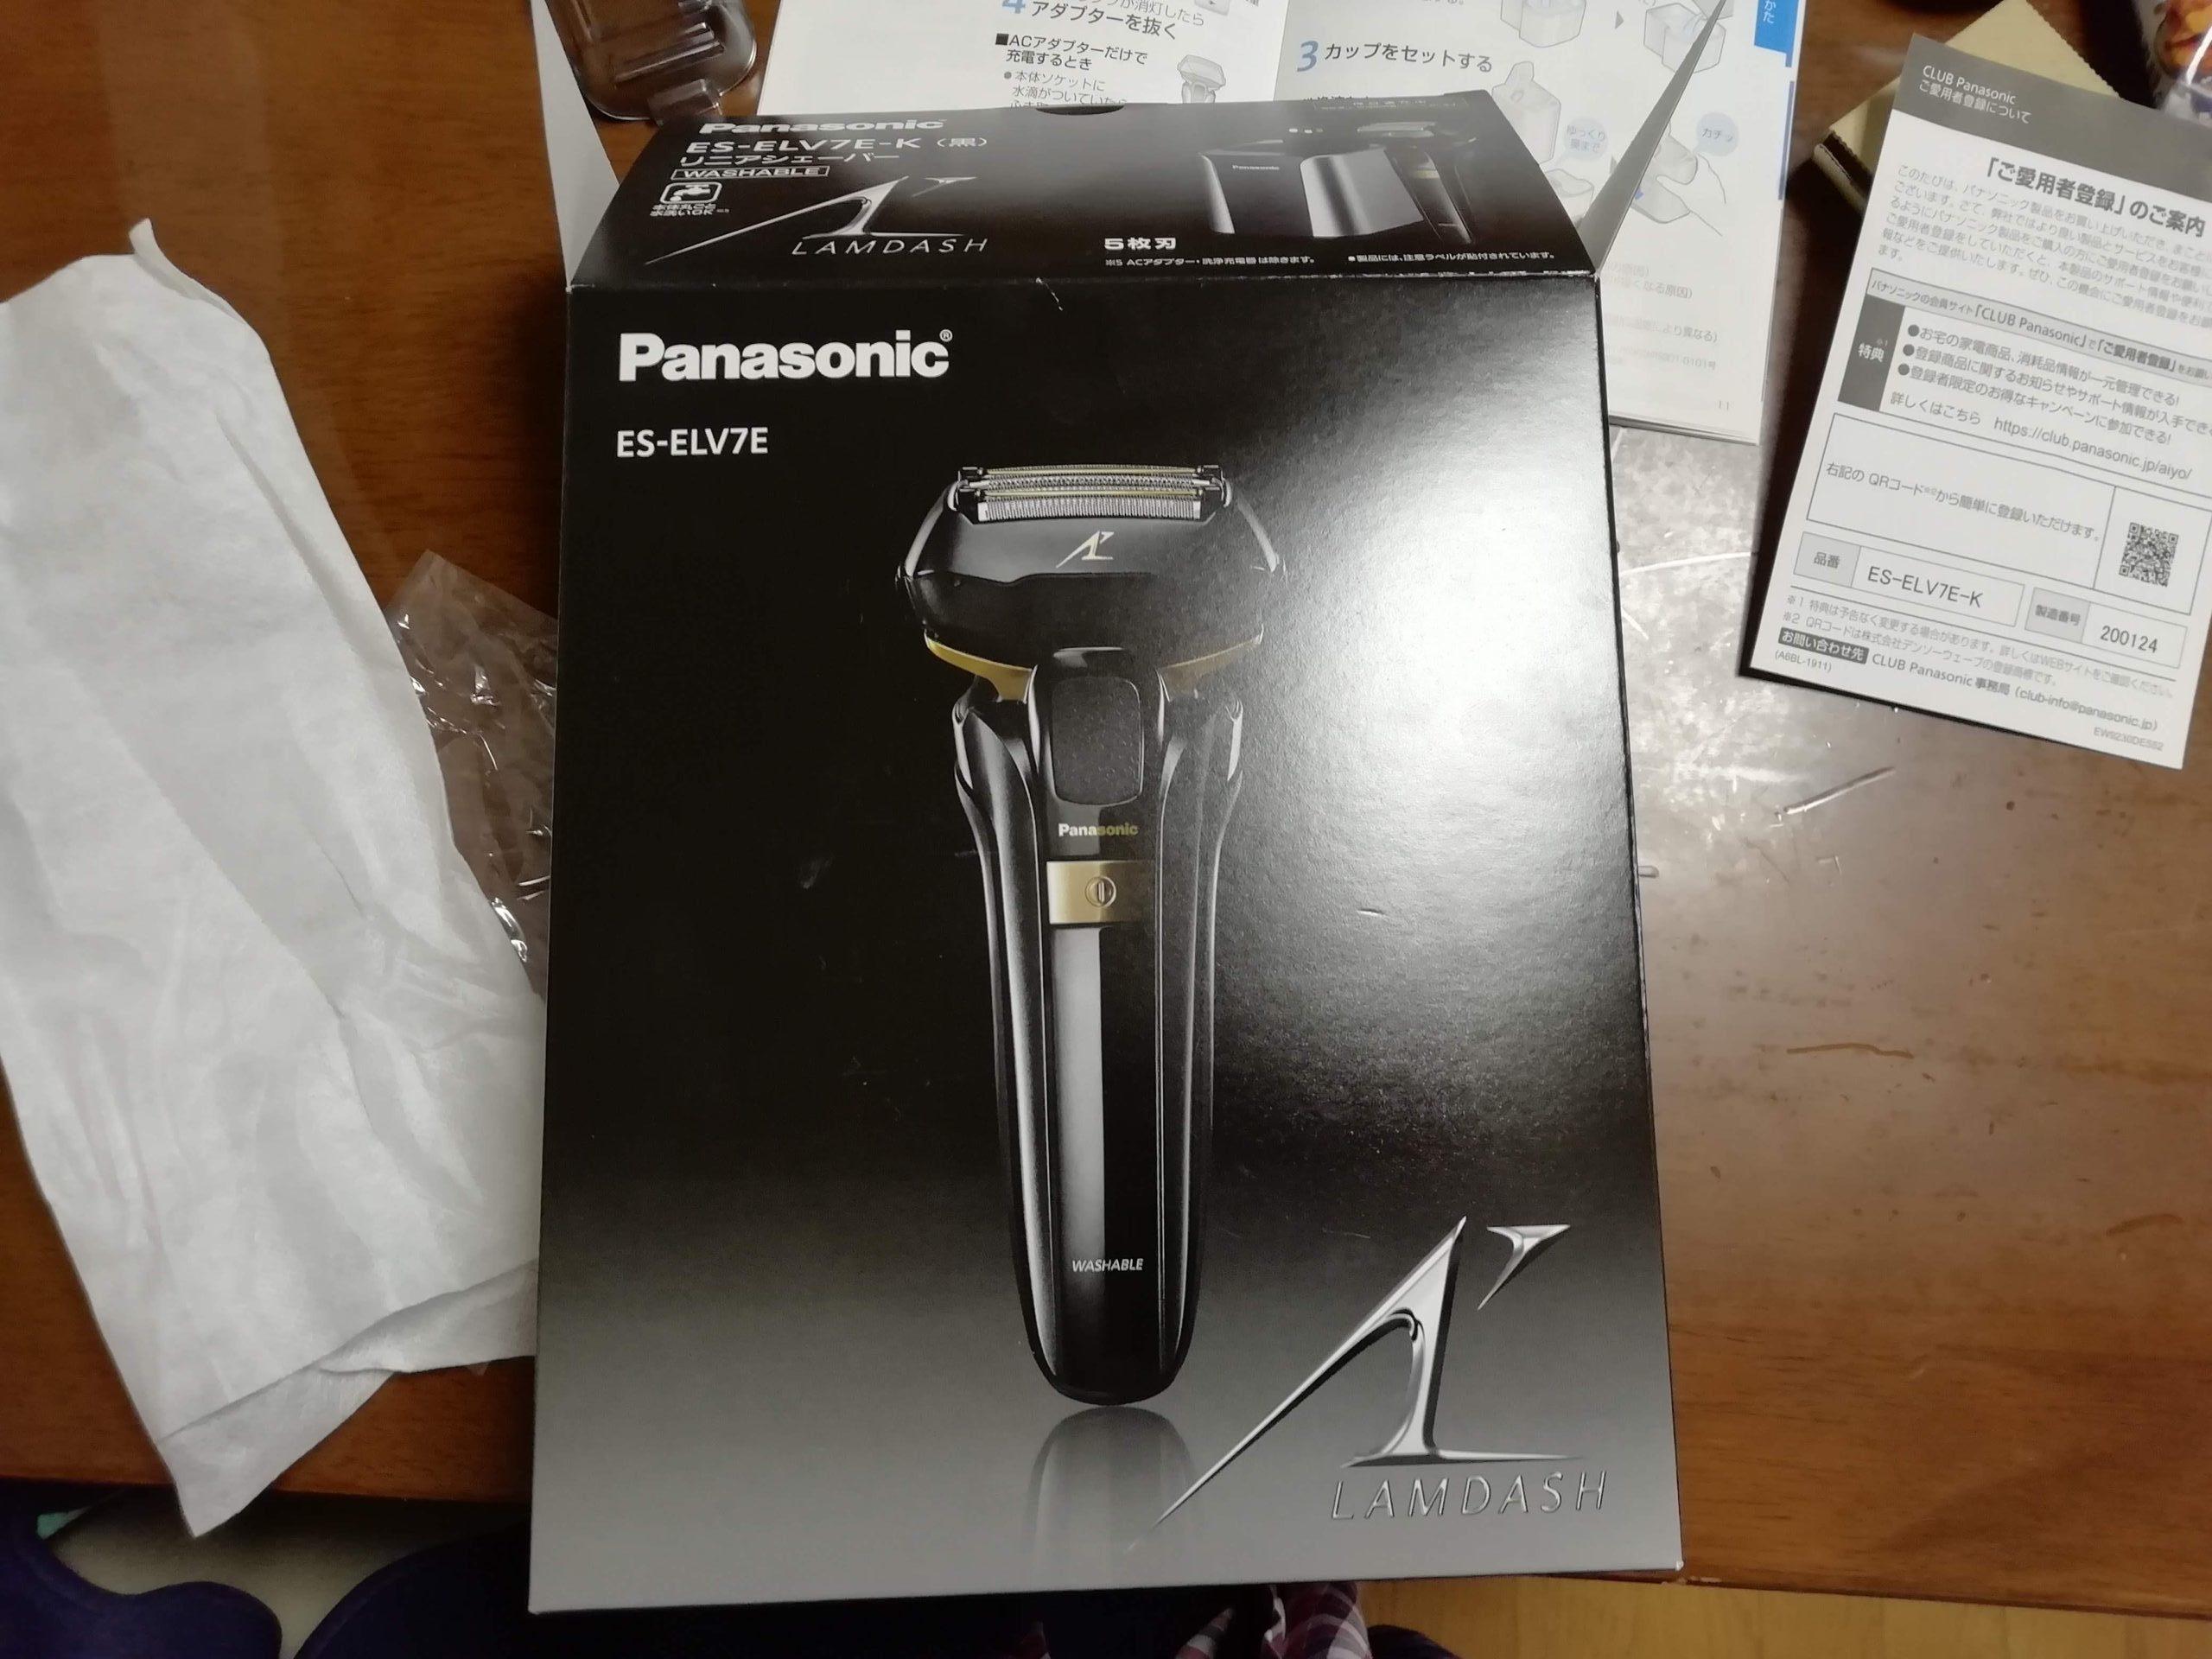 Panasonicの電気髭剃り「ES-ELV7E」